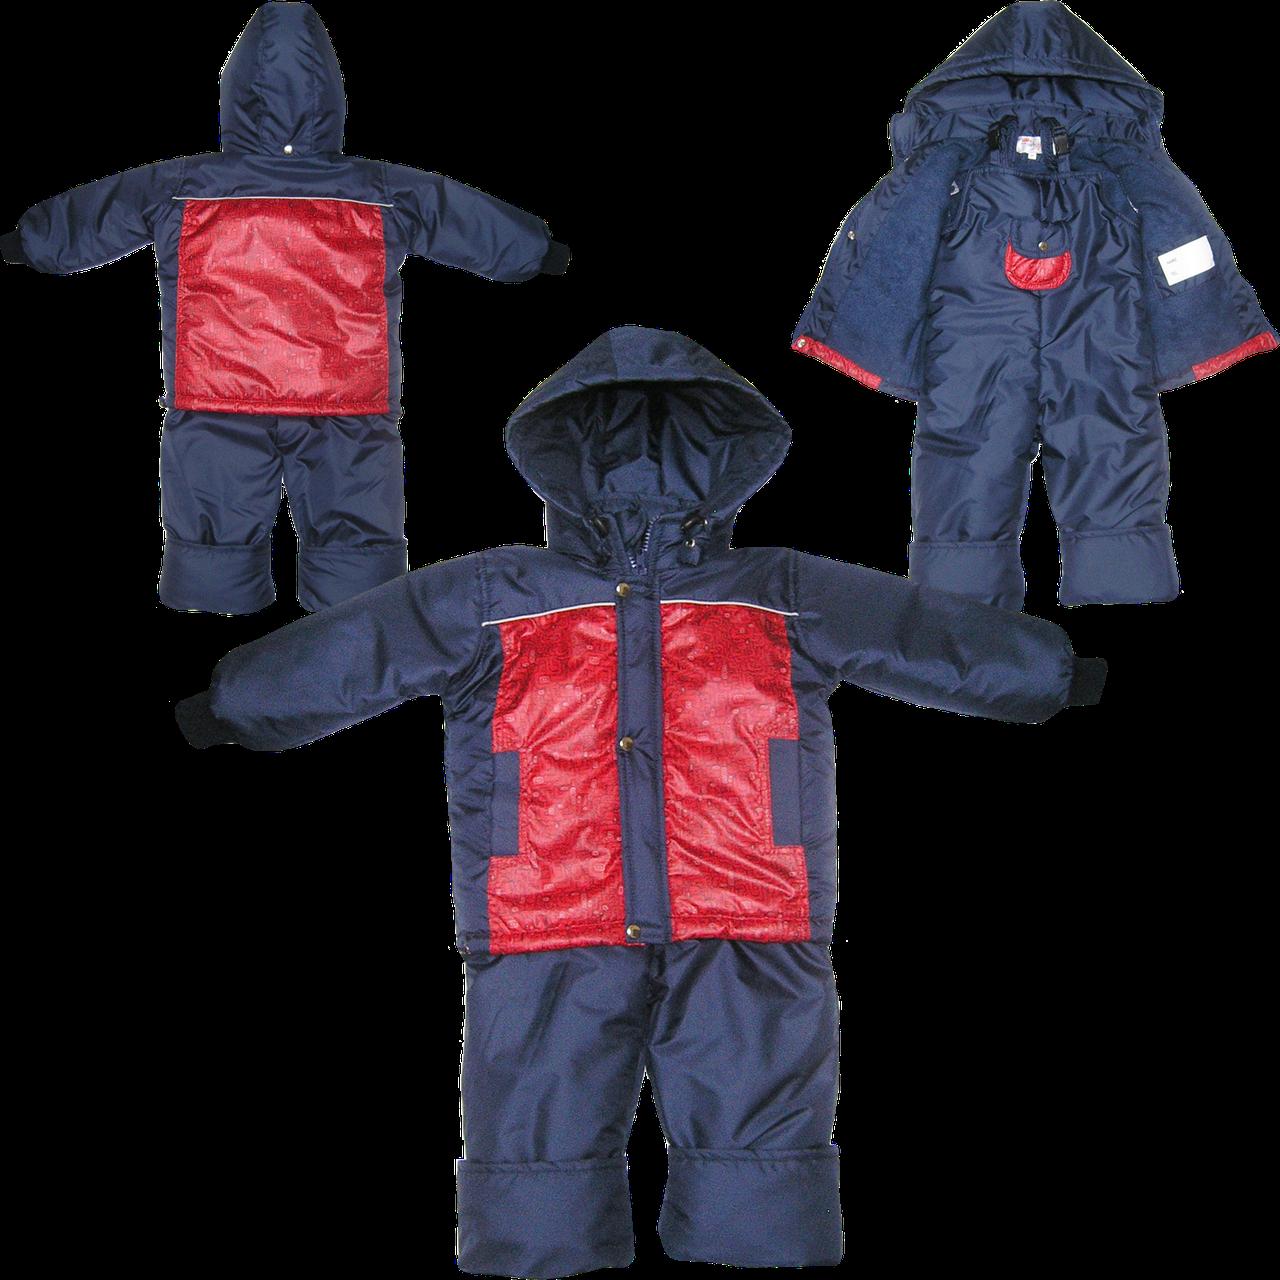 Детский весенний осенний комбинезон р. 80 для мальчика куртка и полукомбинезон на флисе 1921 Красный - Детский интернет-магазин «Ромашка» в Киеве